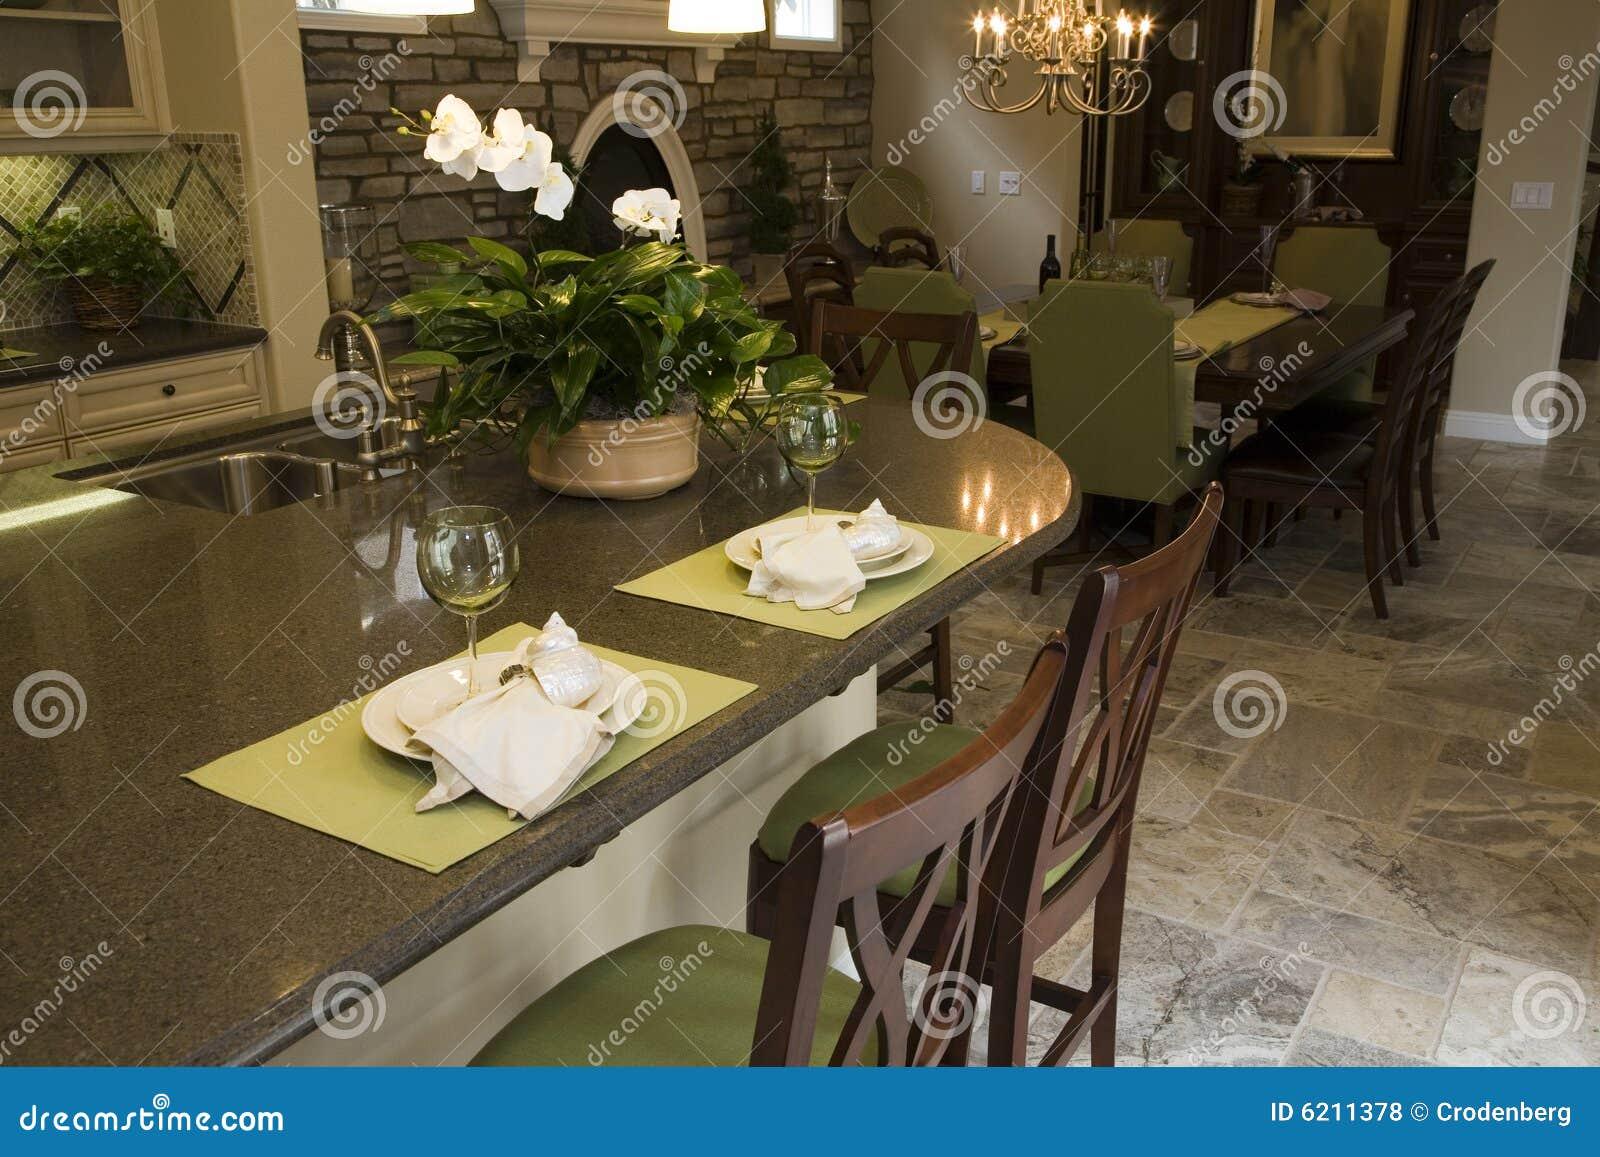 Cuisine à La Maison De Luxe Moderne. Photo stock - Image du ...